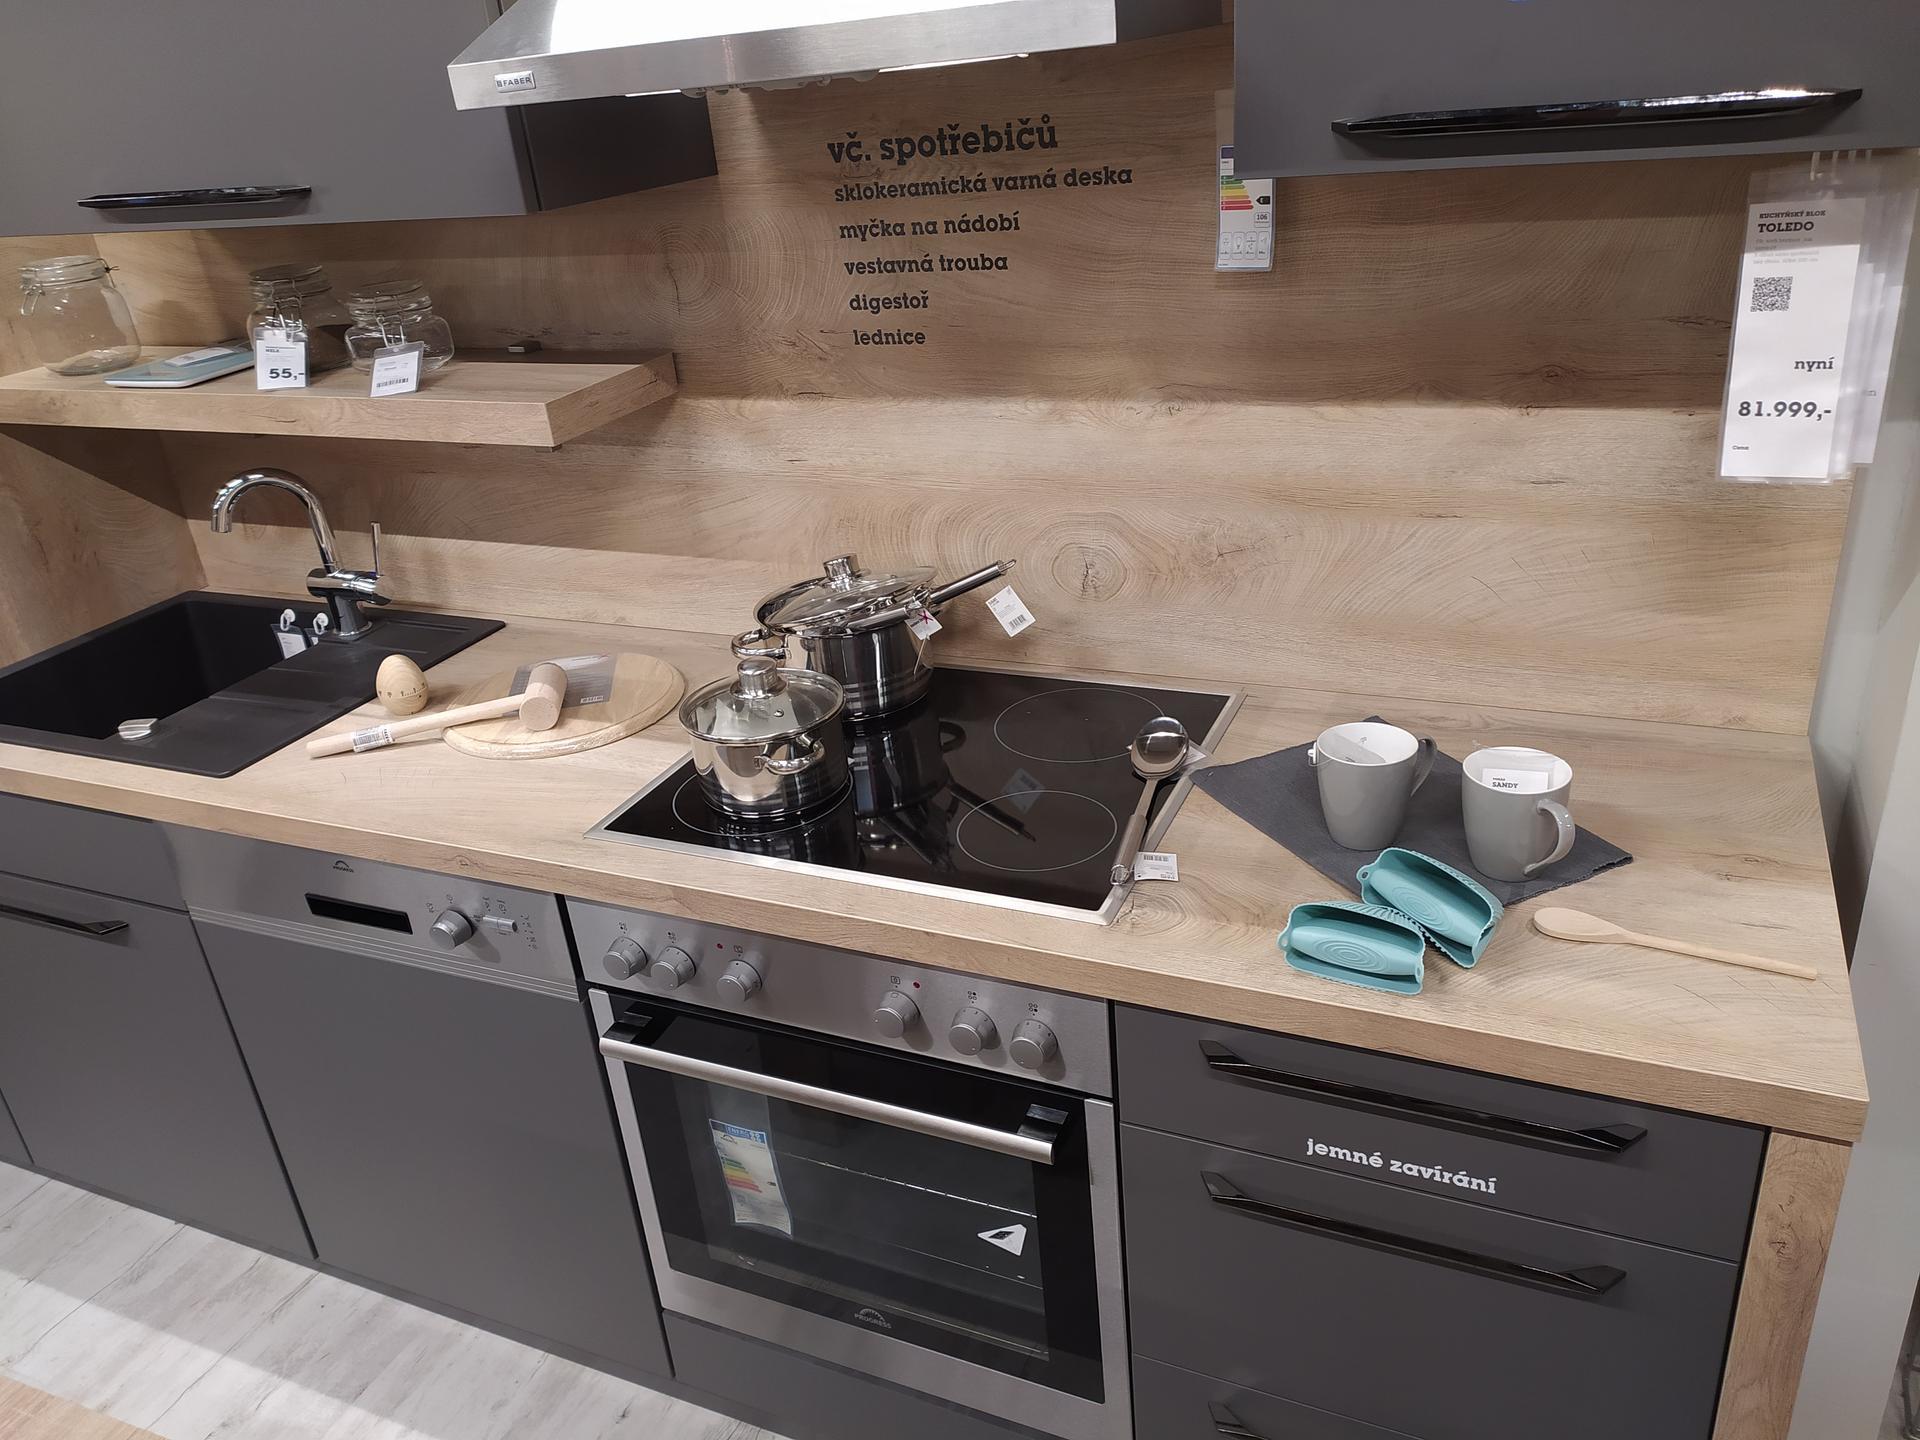 Kuchyn XXXLutz  x Mobelix  ,ještě zvažujeme truhláře .  Foto na upoutání (kuchyn z Mobelixu)    Zajímají mě hlavně zkušenosti s dodáním,montáží a kvalitou kuchyní. Děkuji - Obrázek č. 1